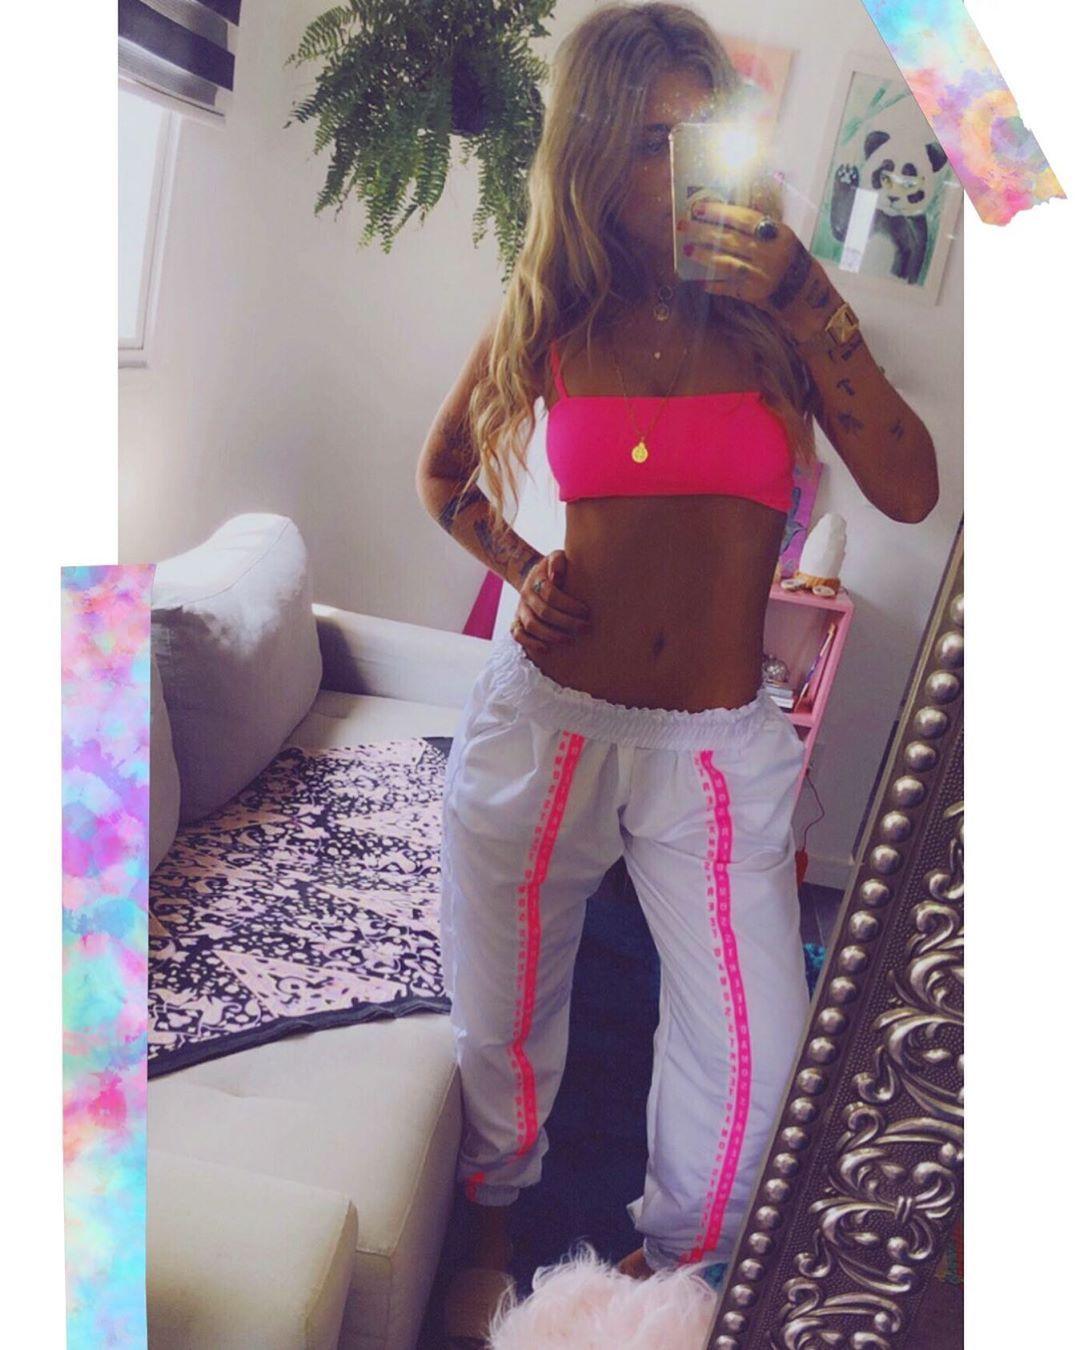 Calça corta-vento jogger Summer ✨👙🔫 TOP RETO NEON por R$39,90🔥 #euquero #manasofia #lagodaconceição...